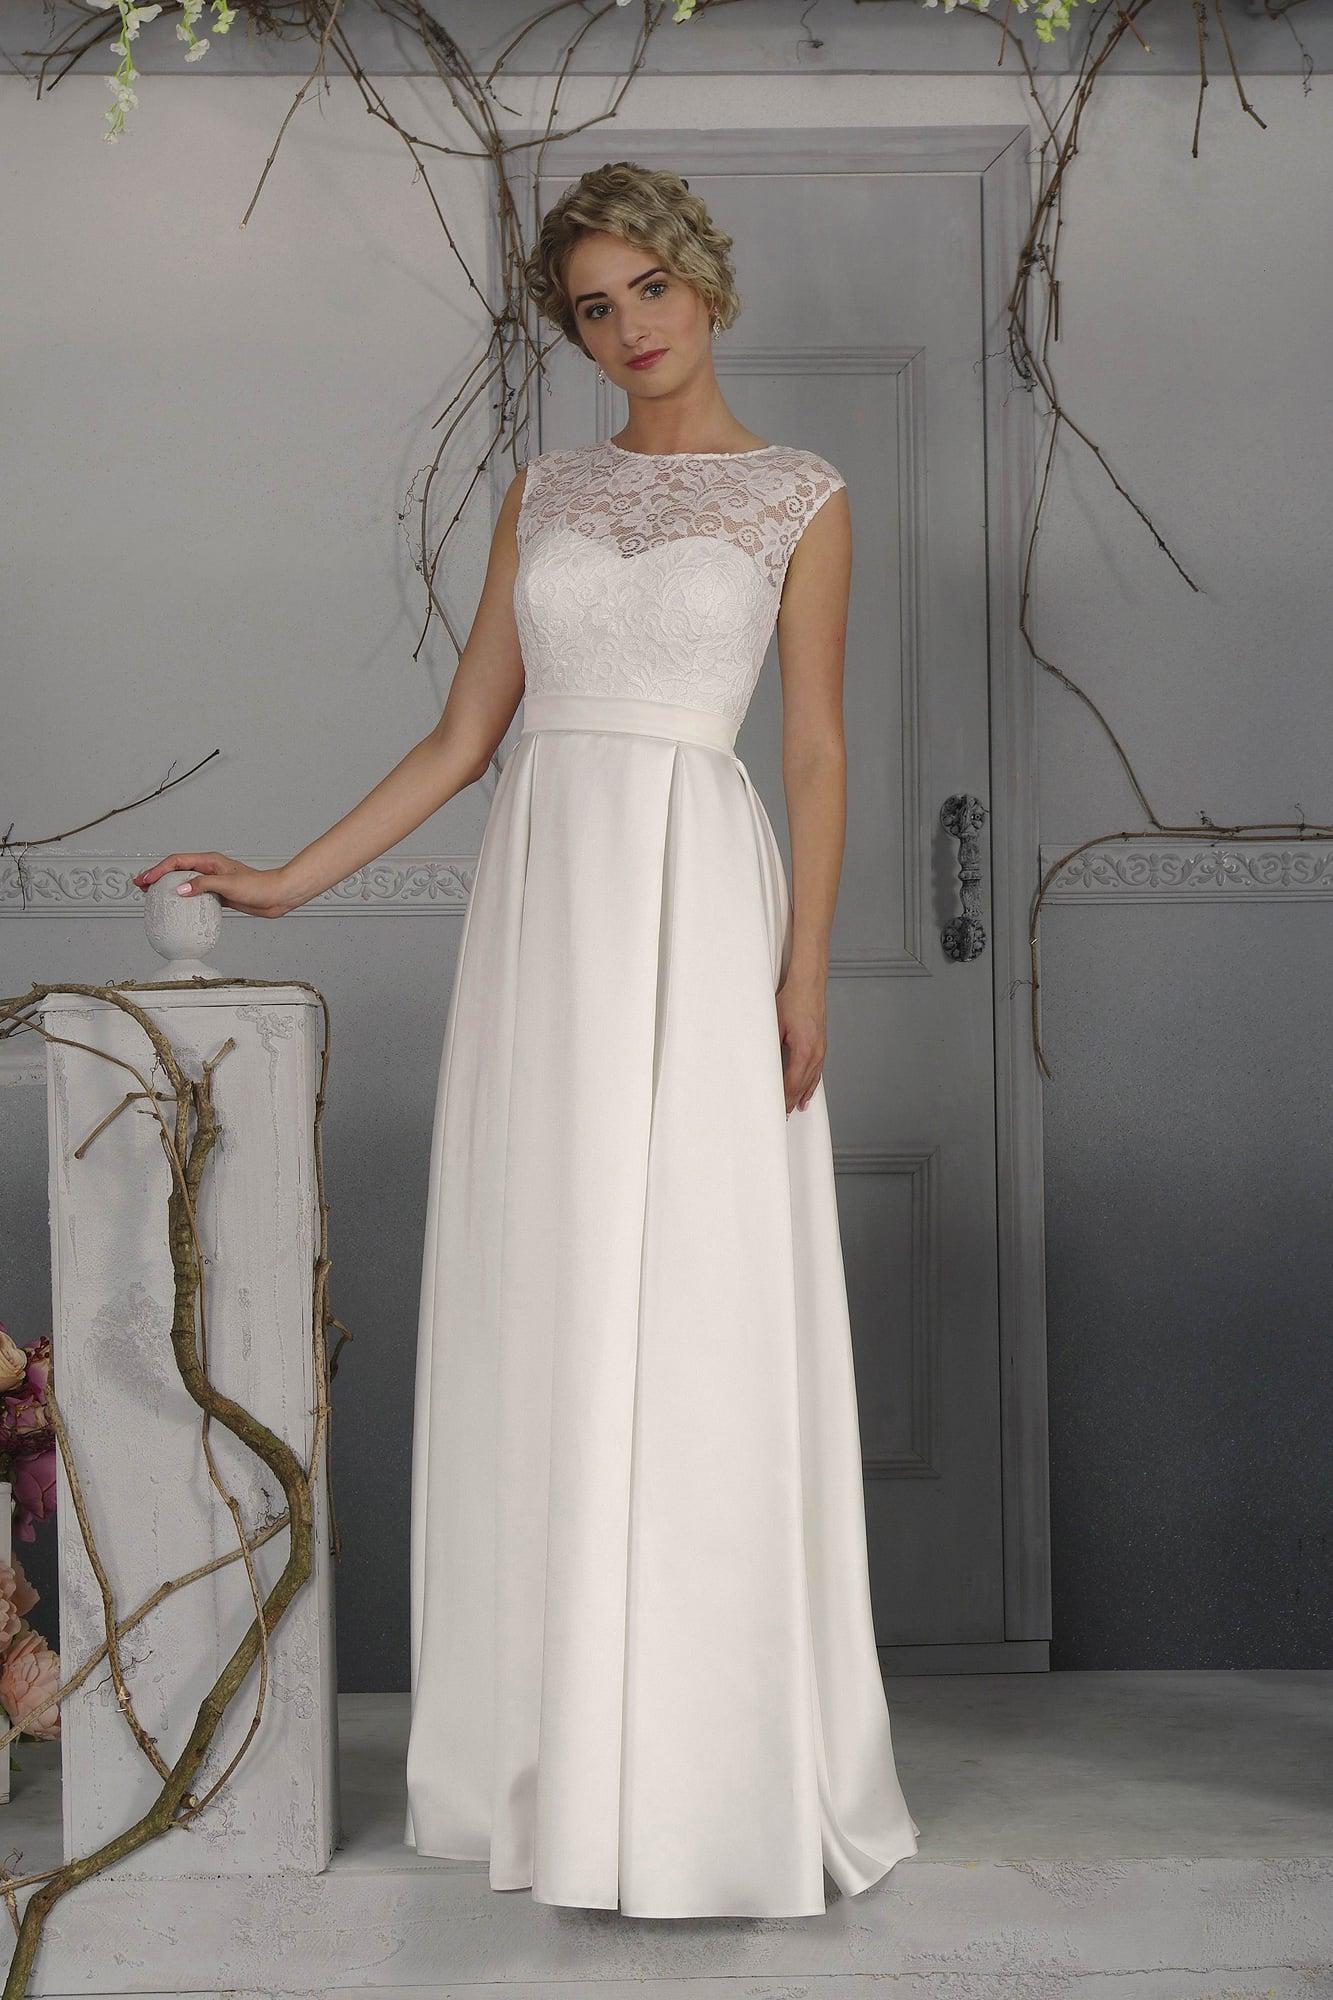 b08ba1a650c Свадебное платье Linia Koss Селена ▷ Свадебный Торговый Центр Вега ...